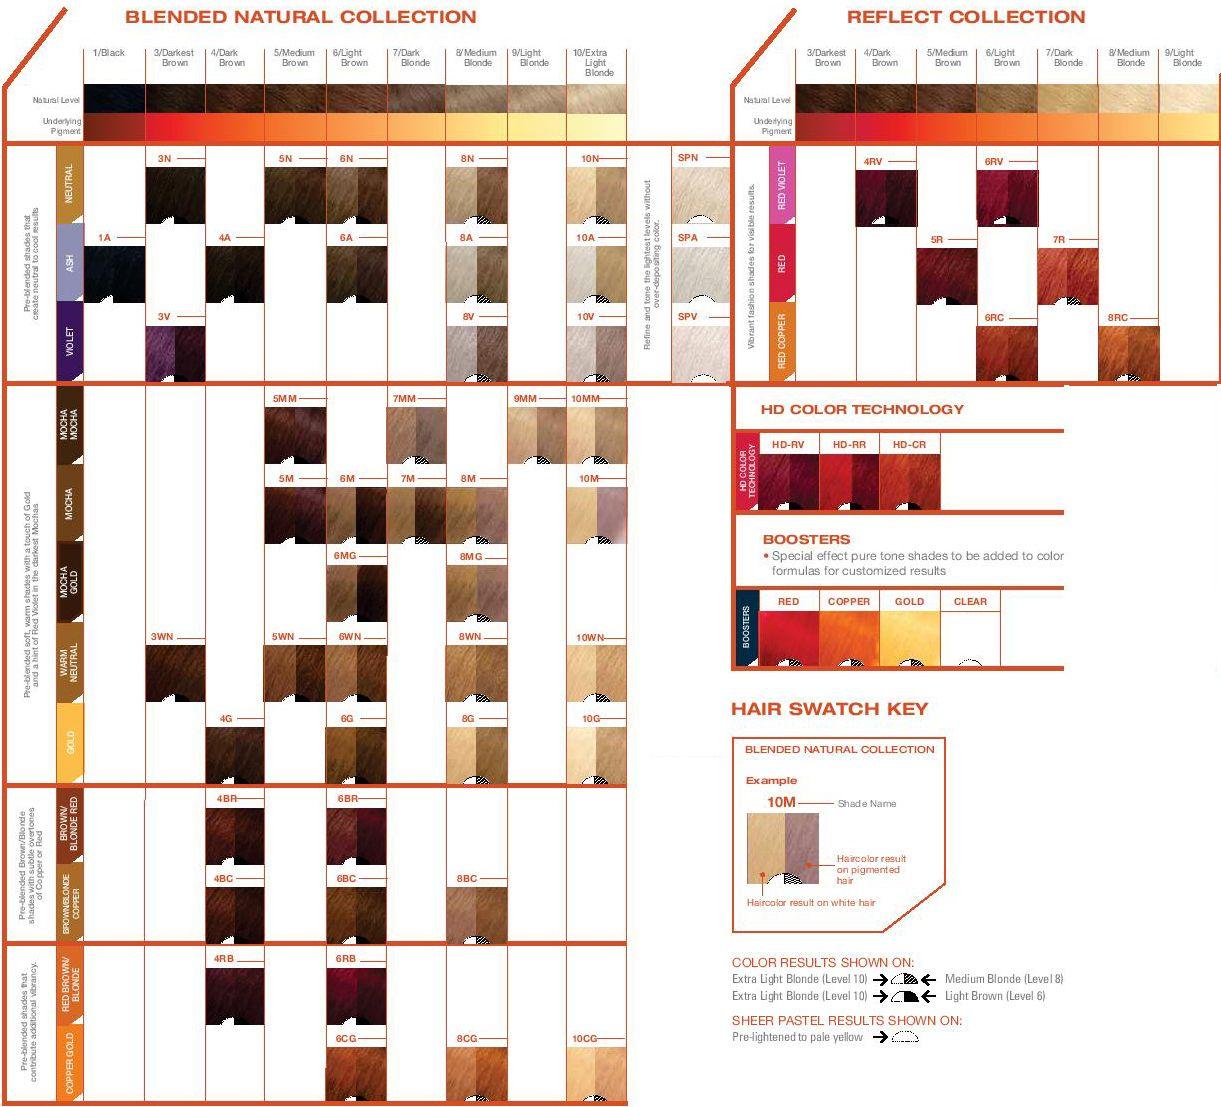 color sync matrix color n salon pinterest salons color sync matrix nvjuhfo Images